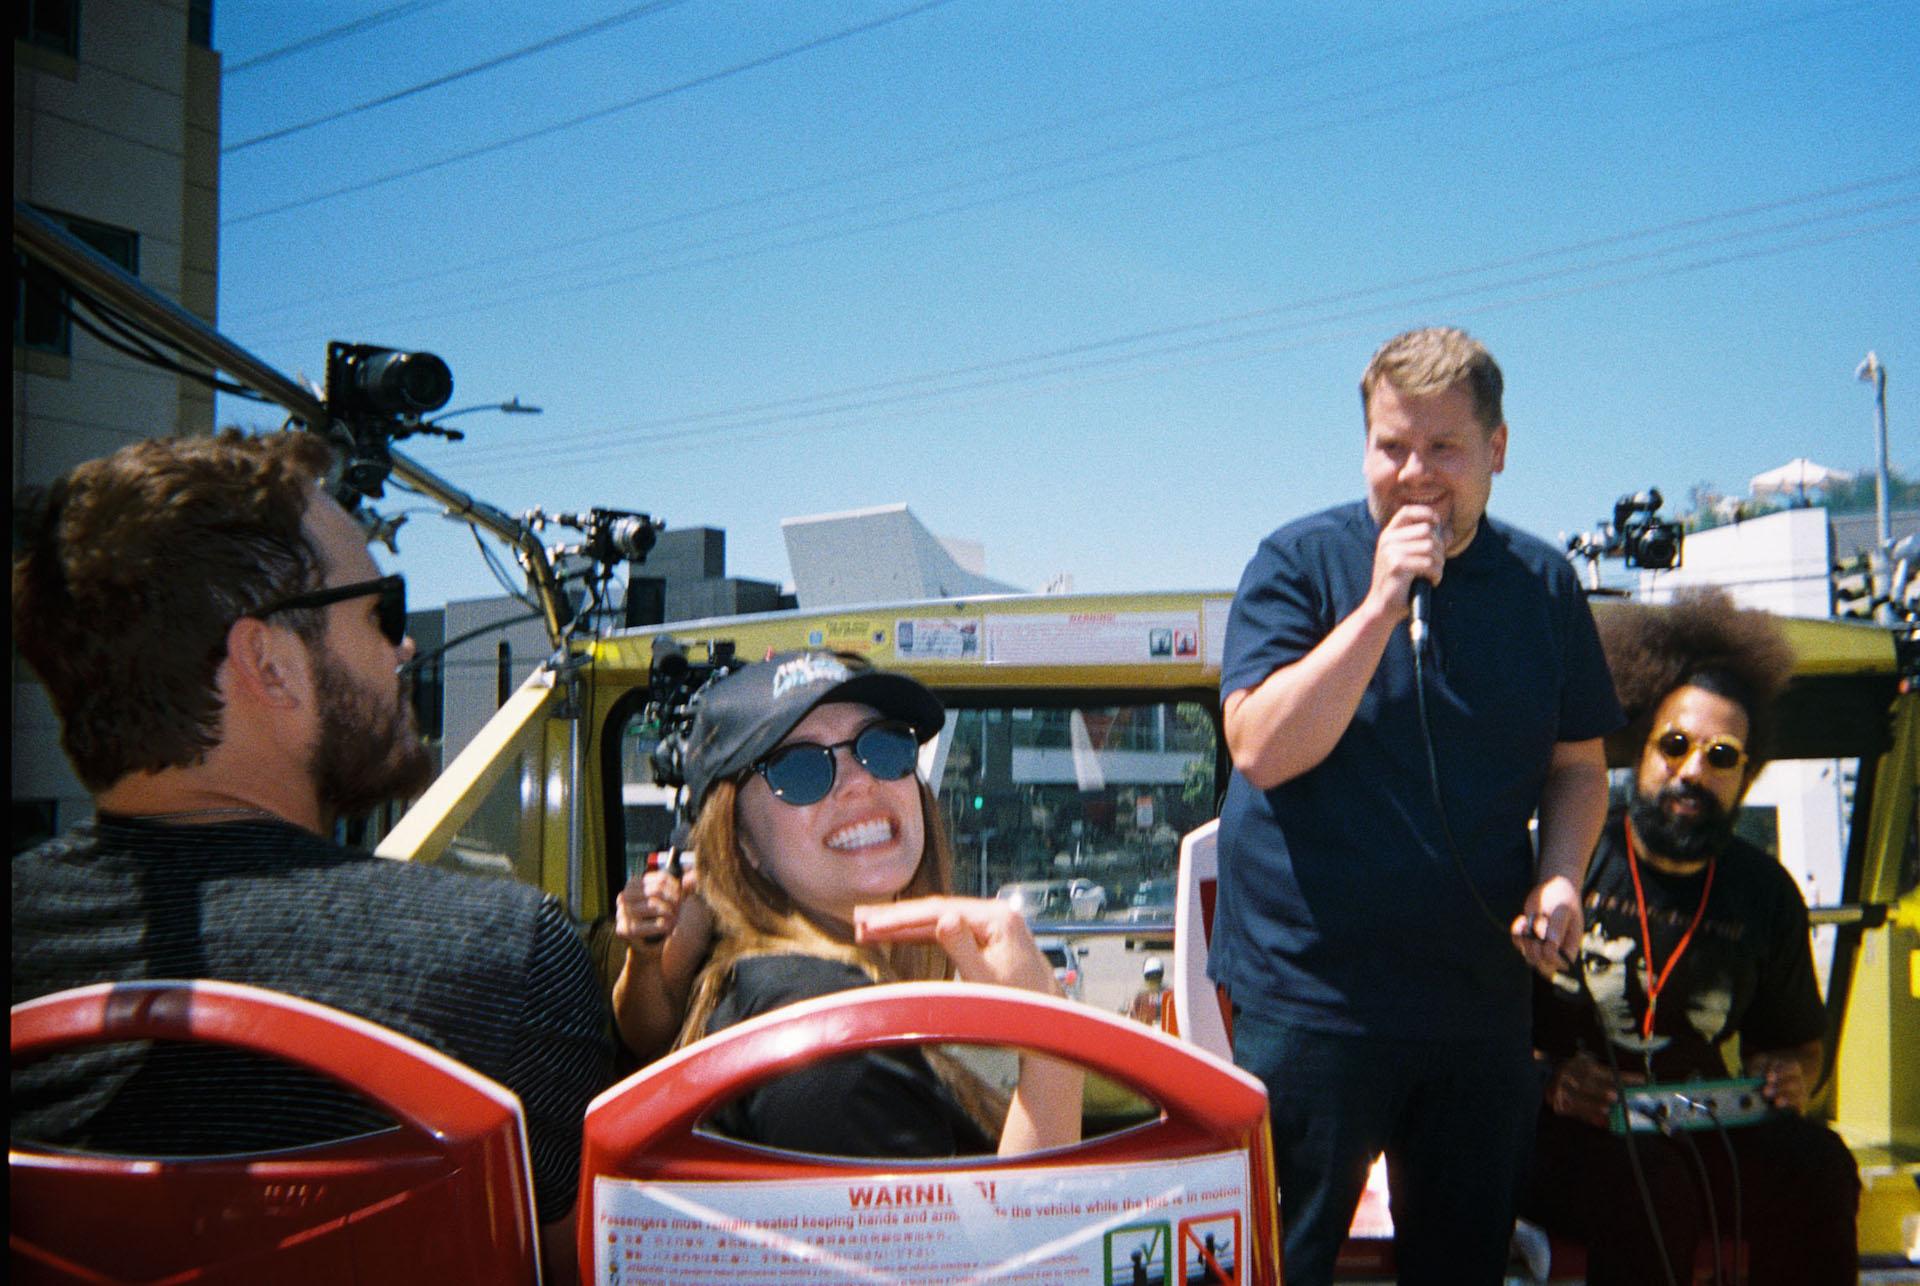 Chris Pratt, Elizabeth Olsen, James Corden and Reggie Watts